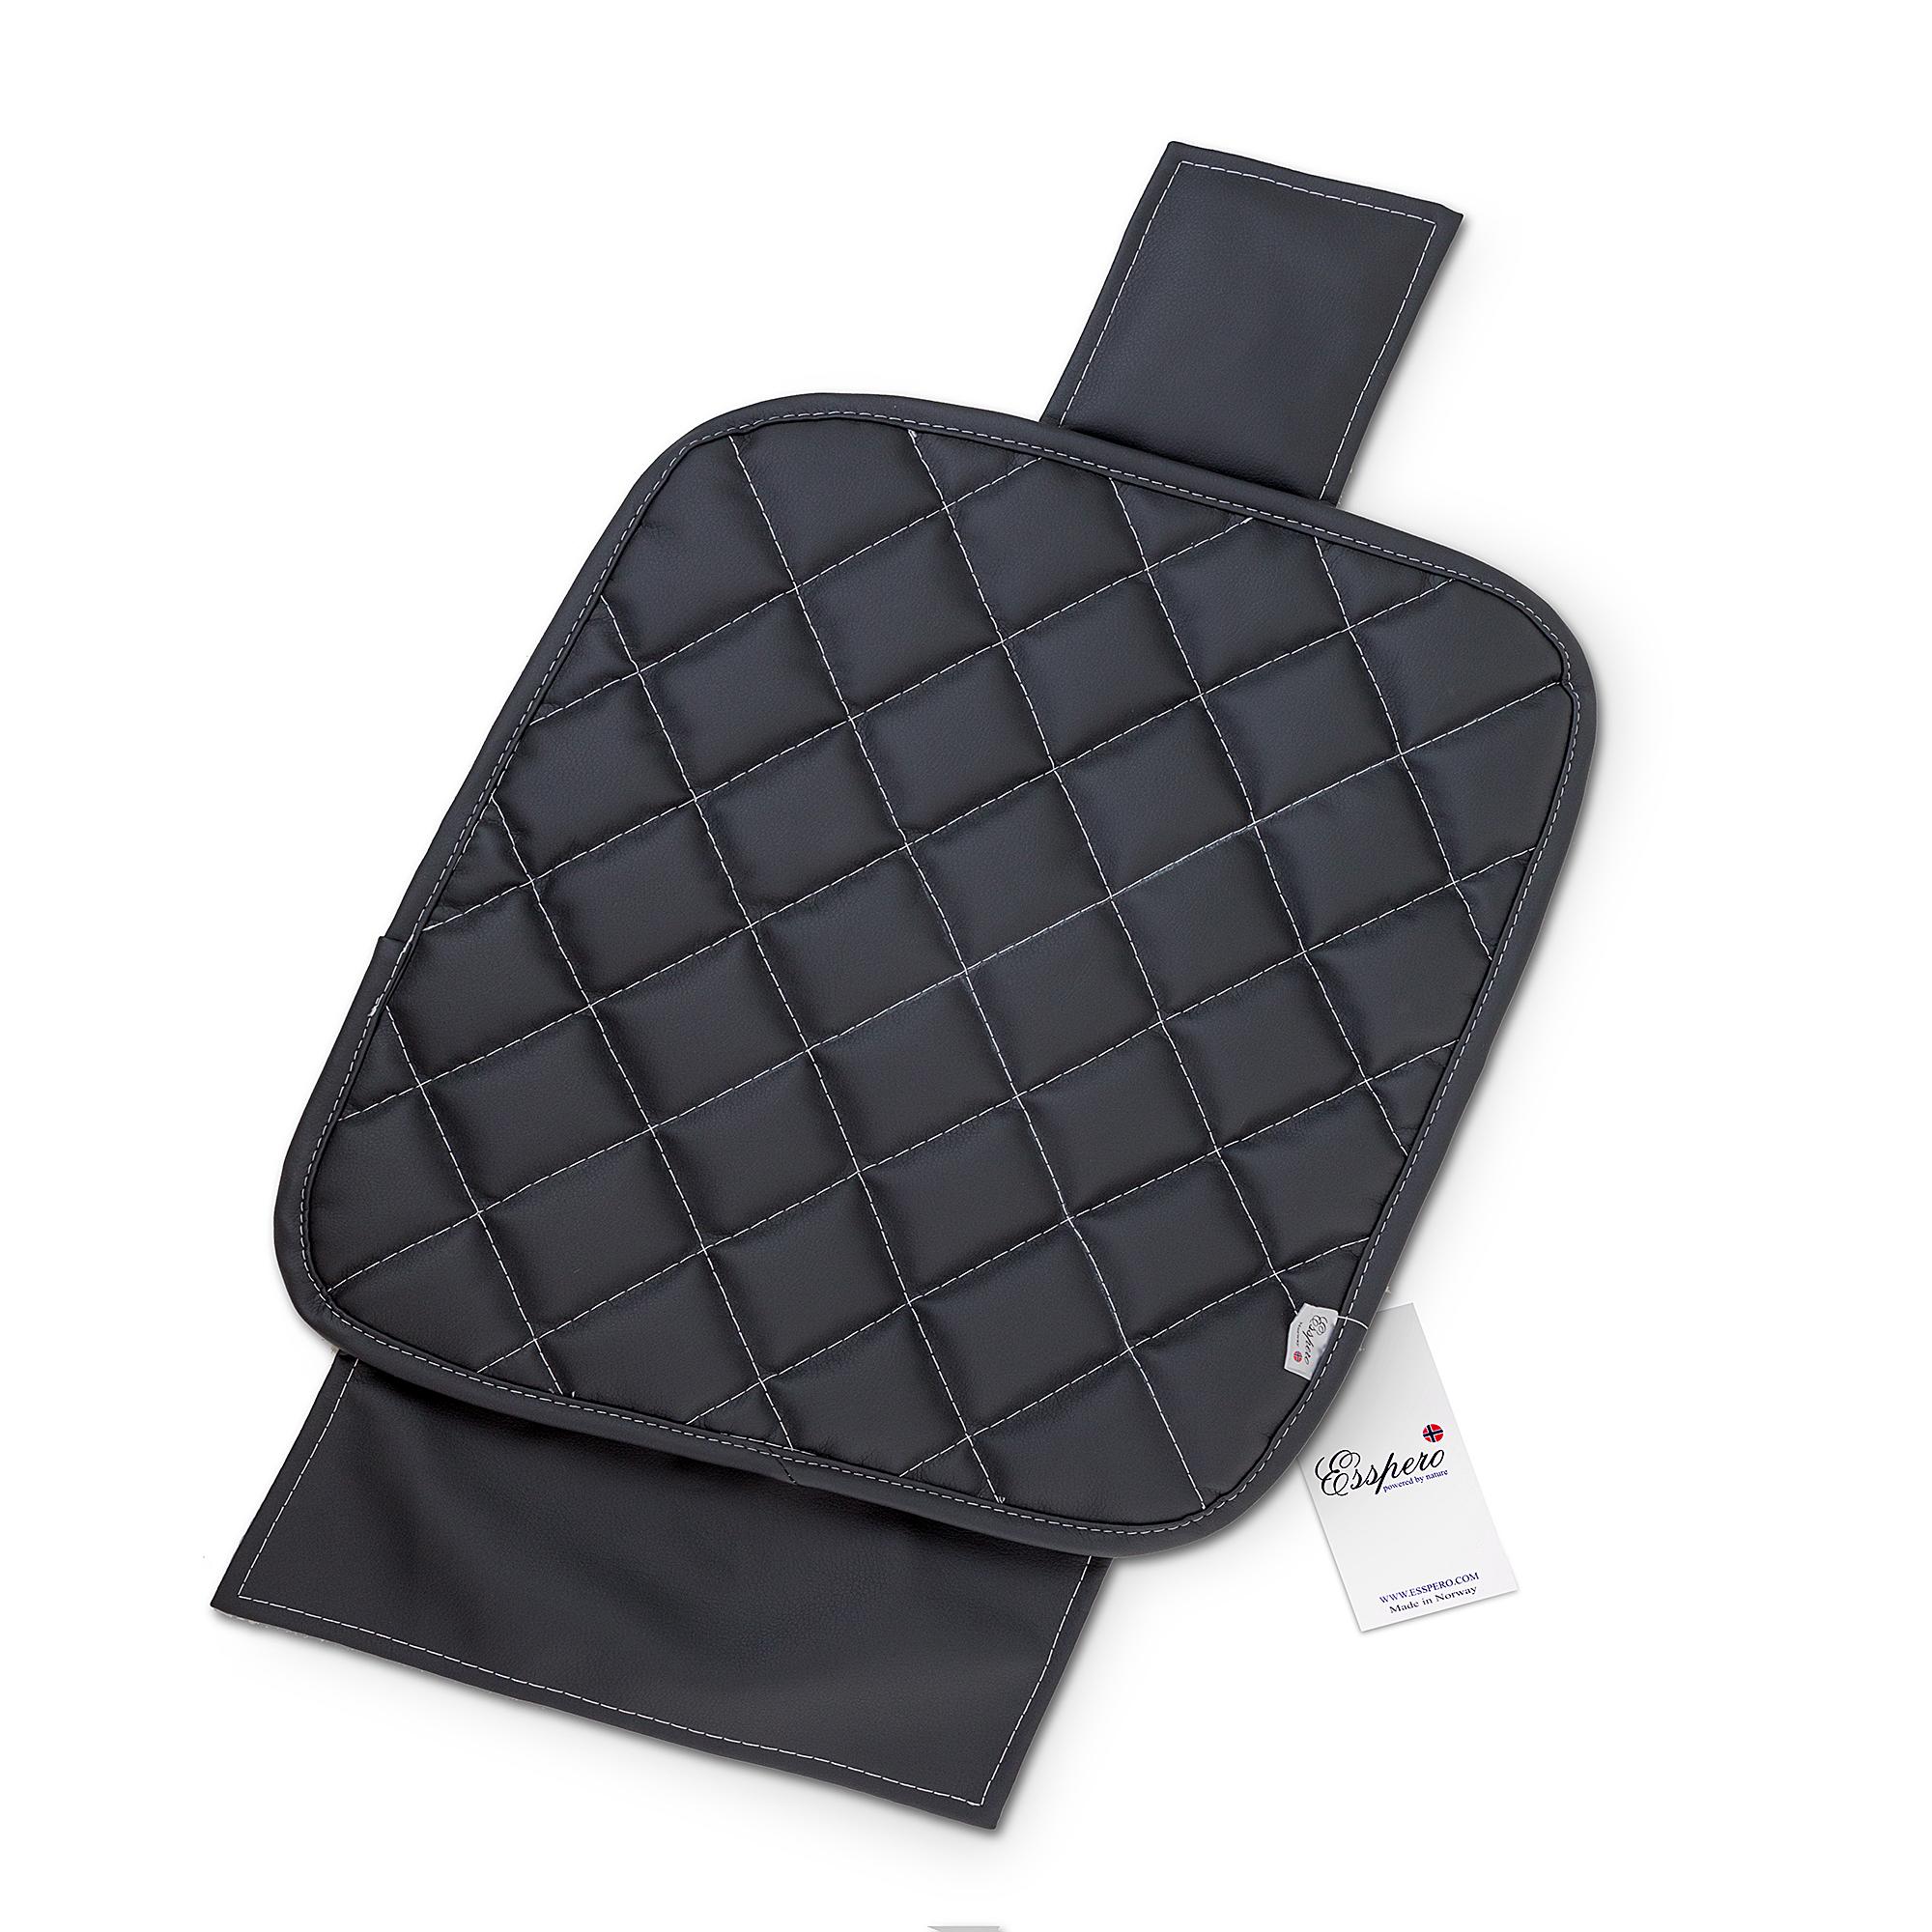 Коврик под кресло Esspero One Cover Black